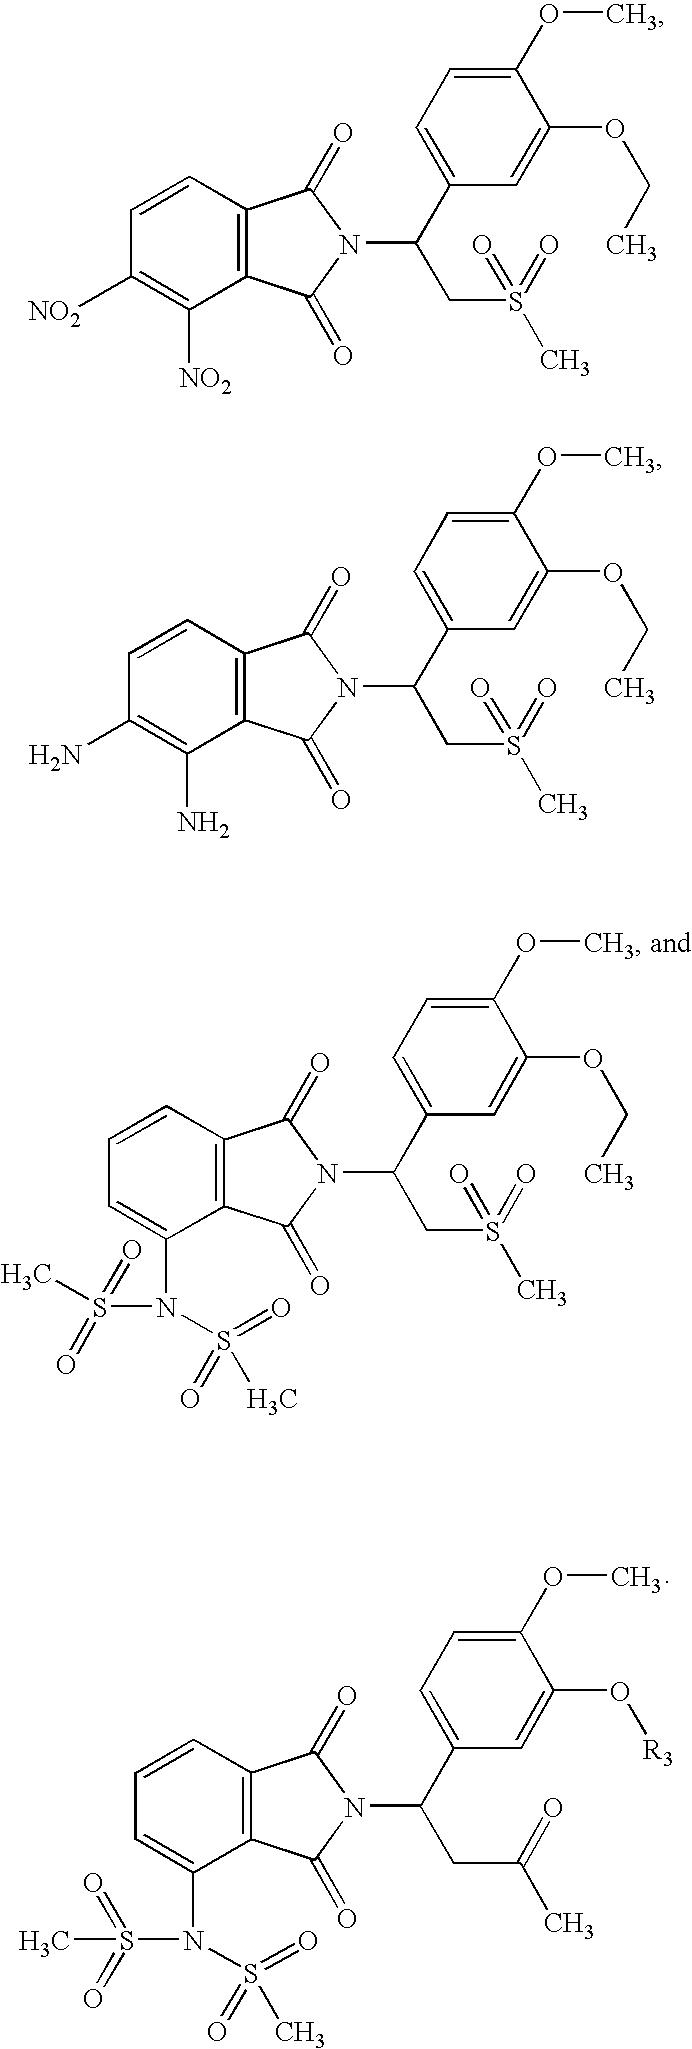 Figure US20060106085A1-20060518-C00030